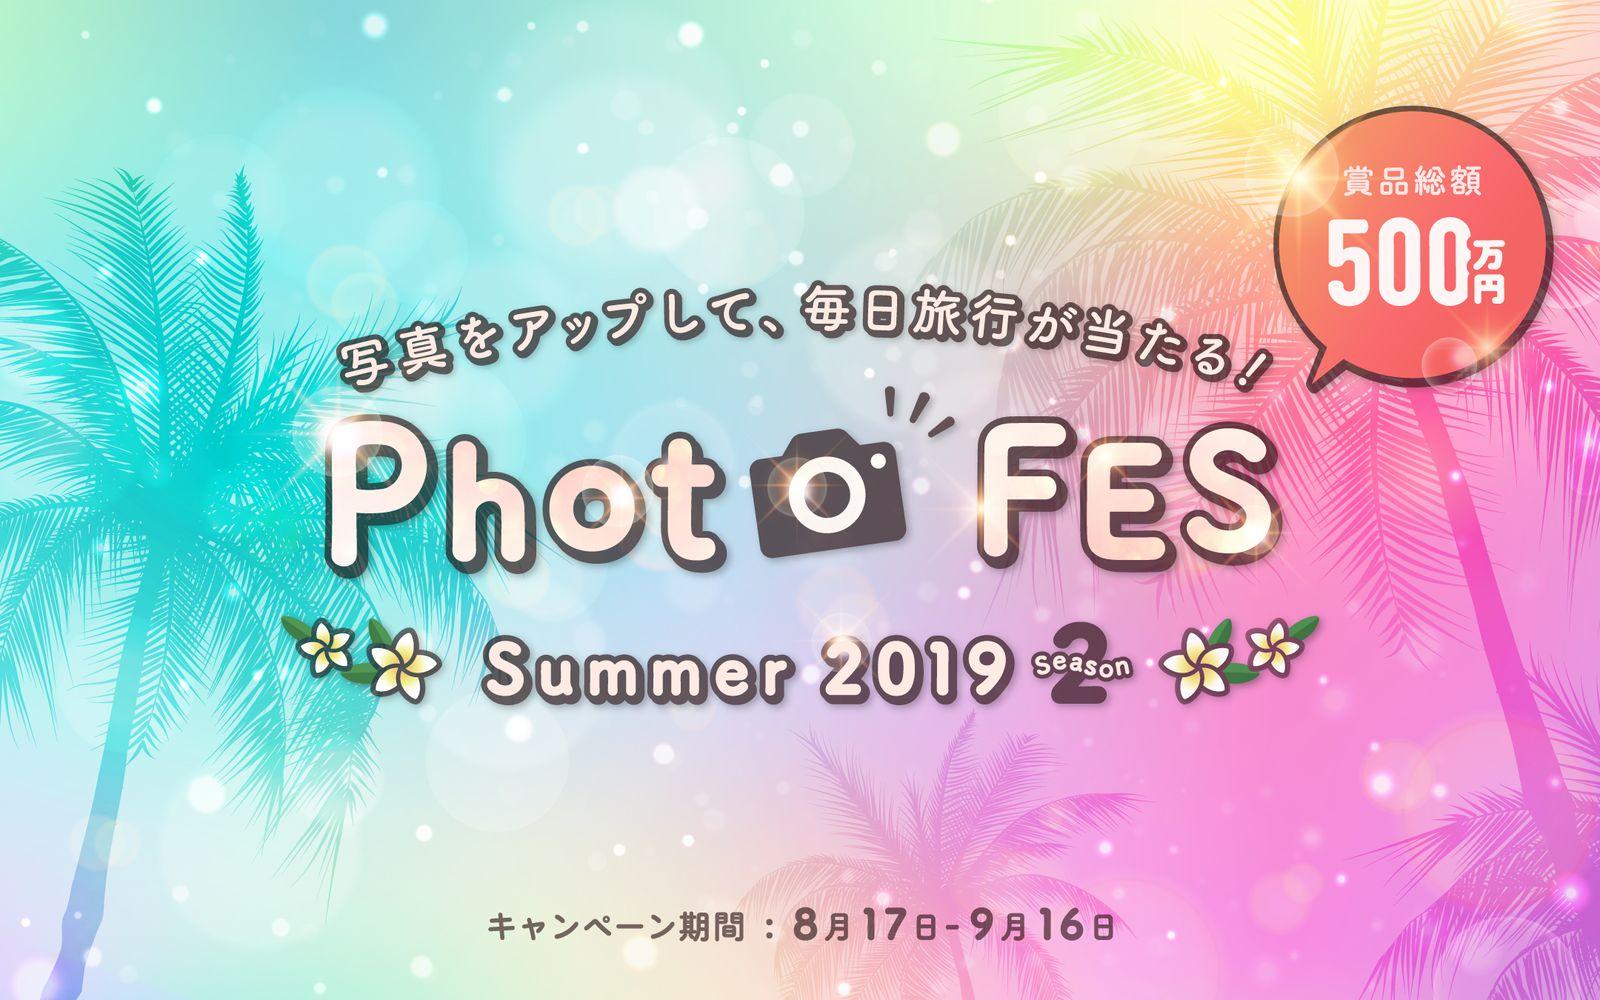 """""""写真アップするだけ""""で毎日旅行が当たる!RETRIP PhotoFES 2019 Summer シーズン2開催"""